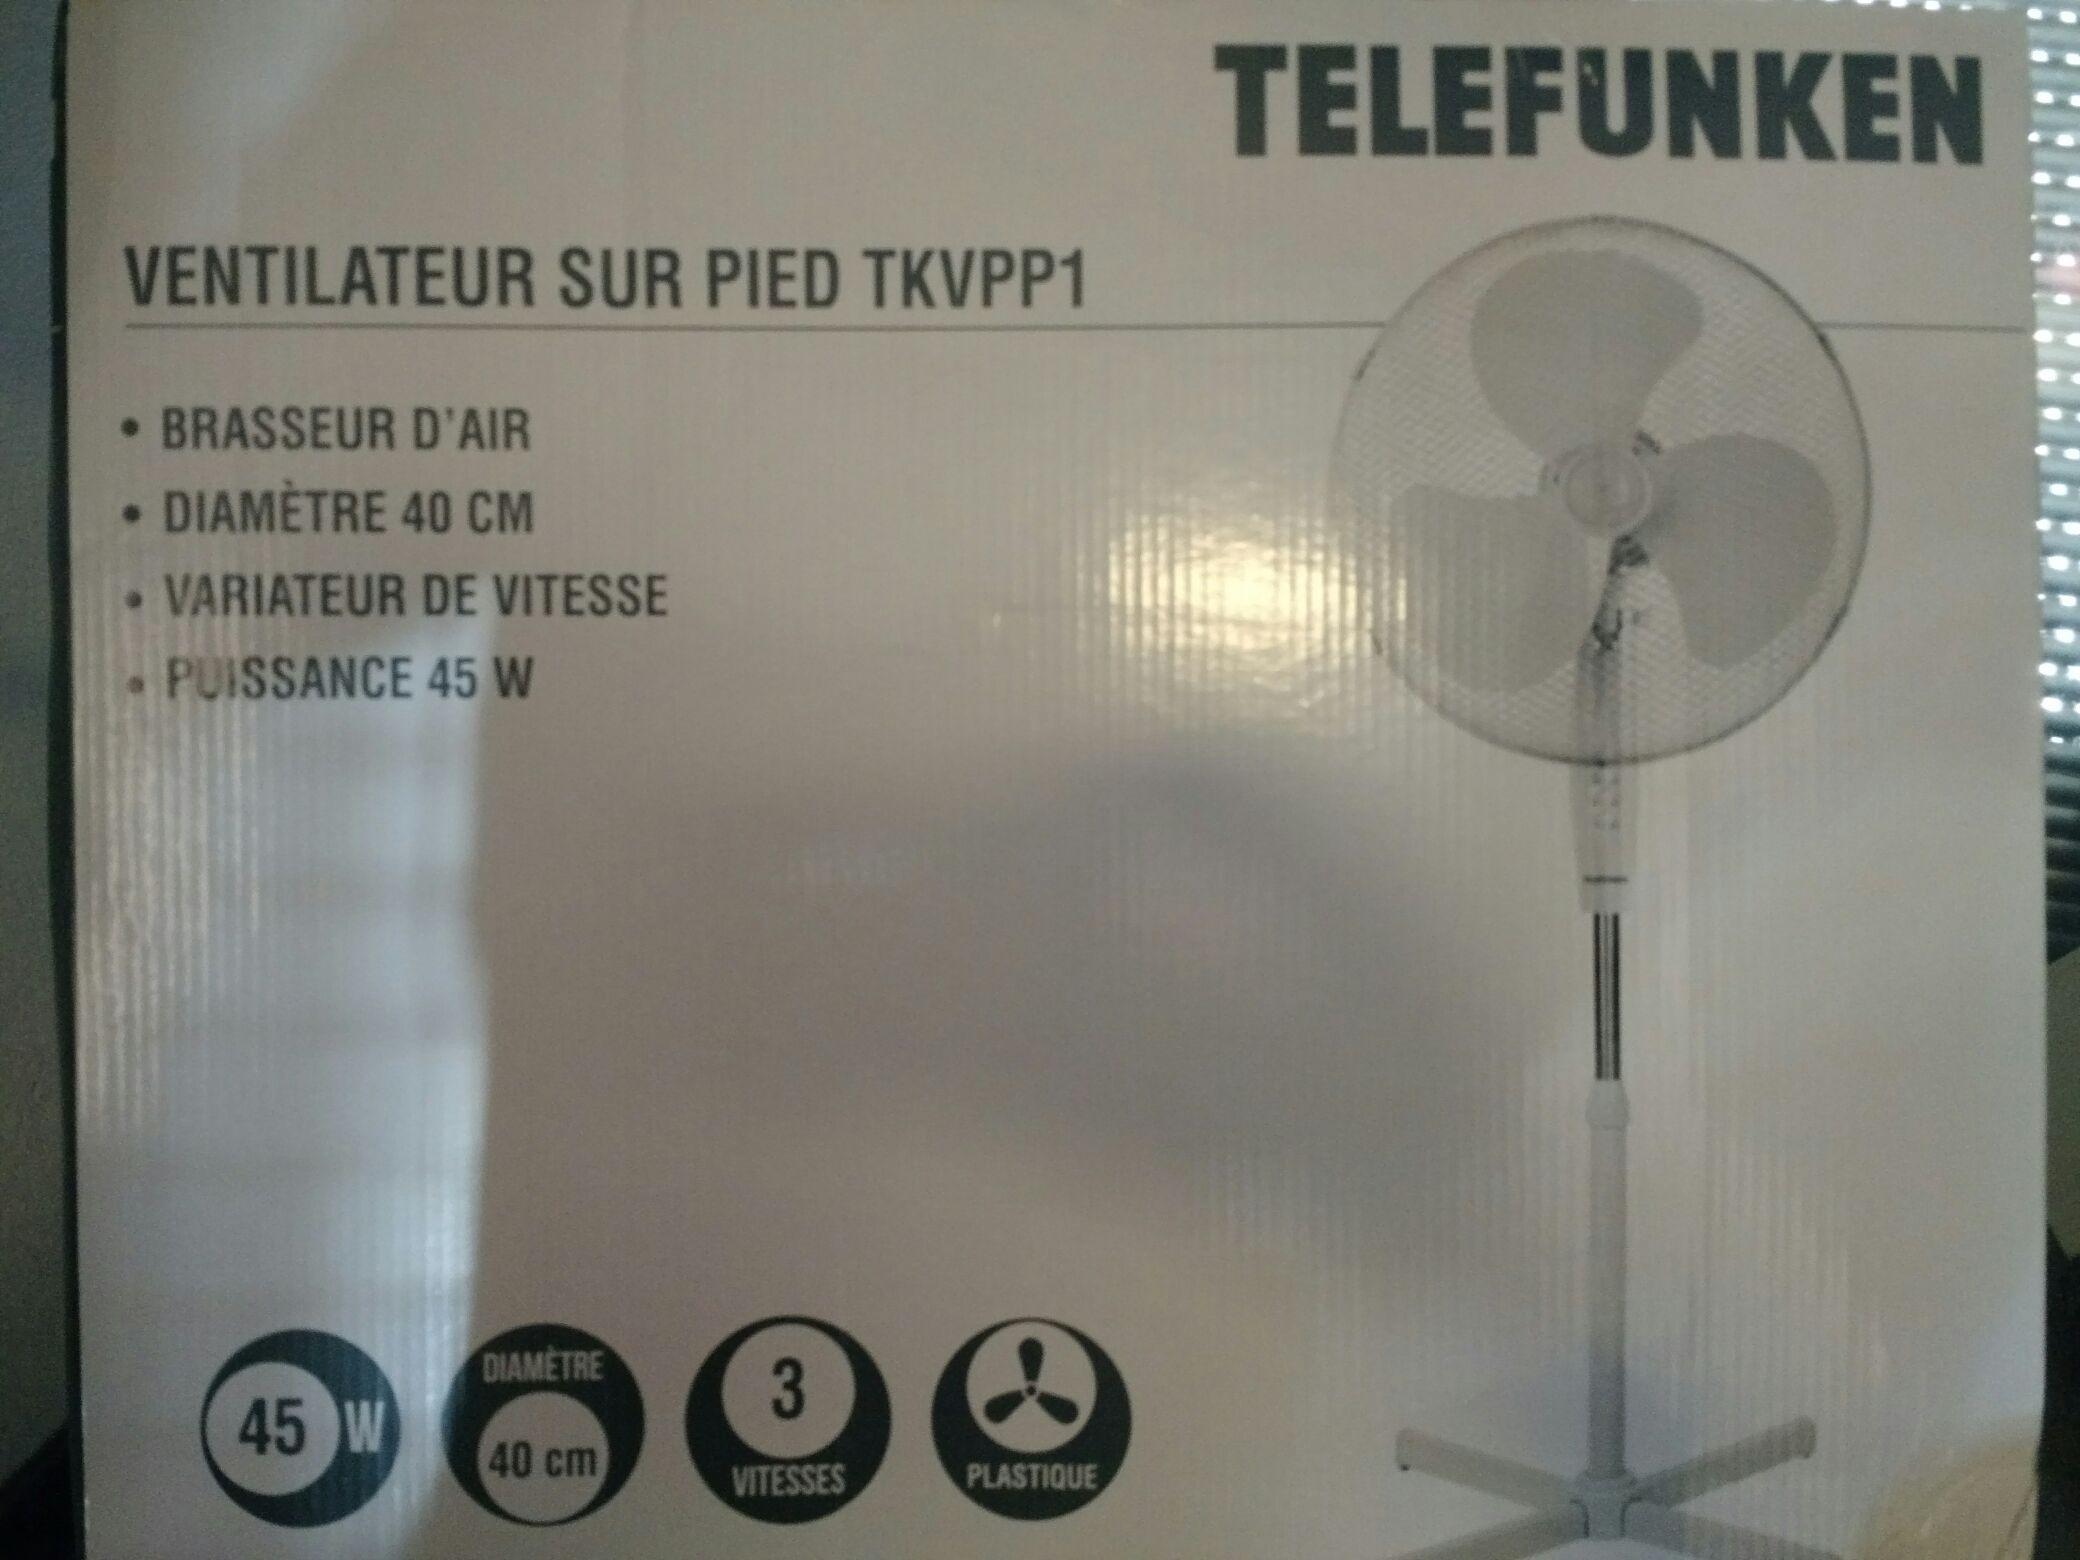 Ventilateur sur pied Telefunken TKVPP1